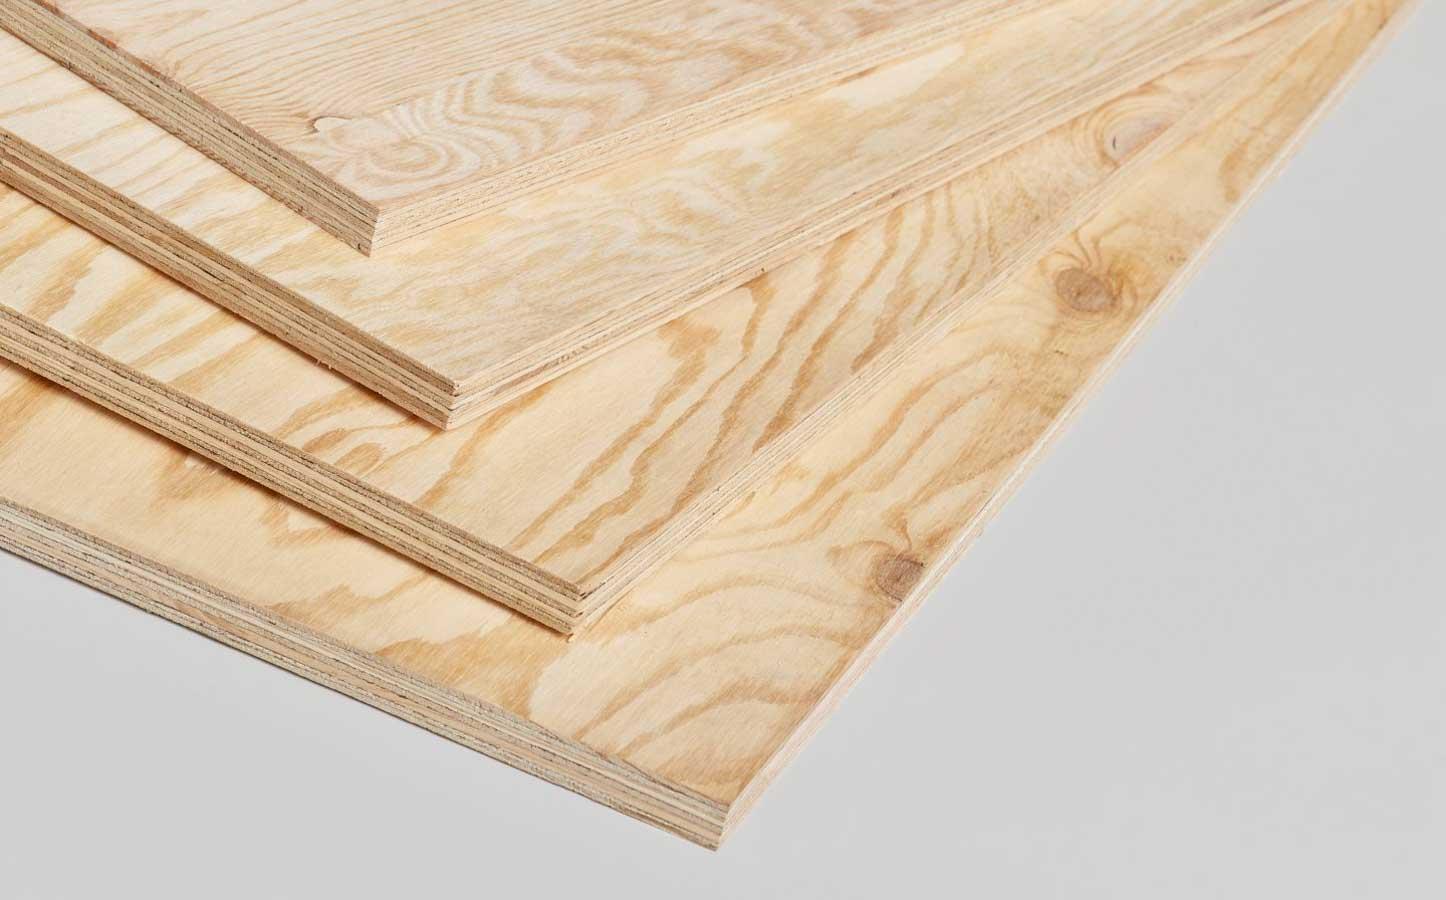 Ván gỗ thông là gì